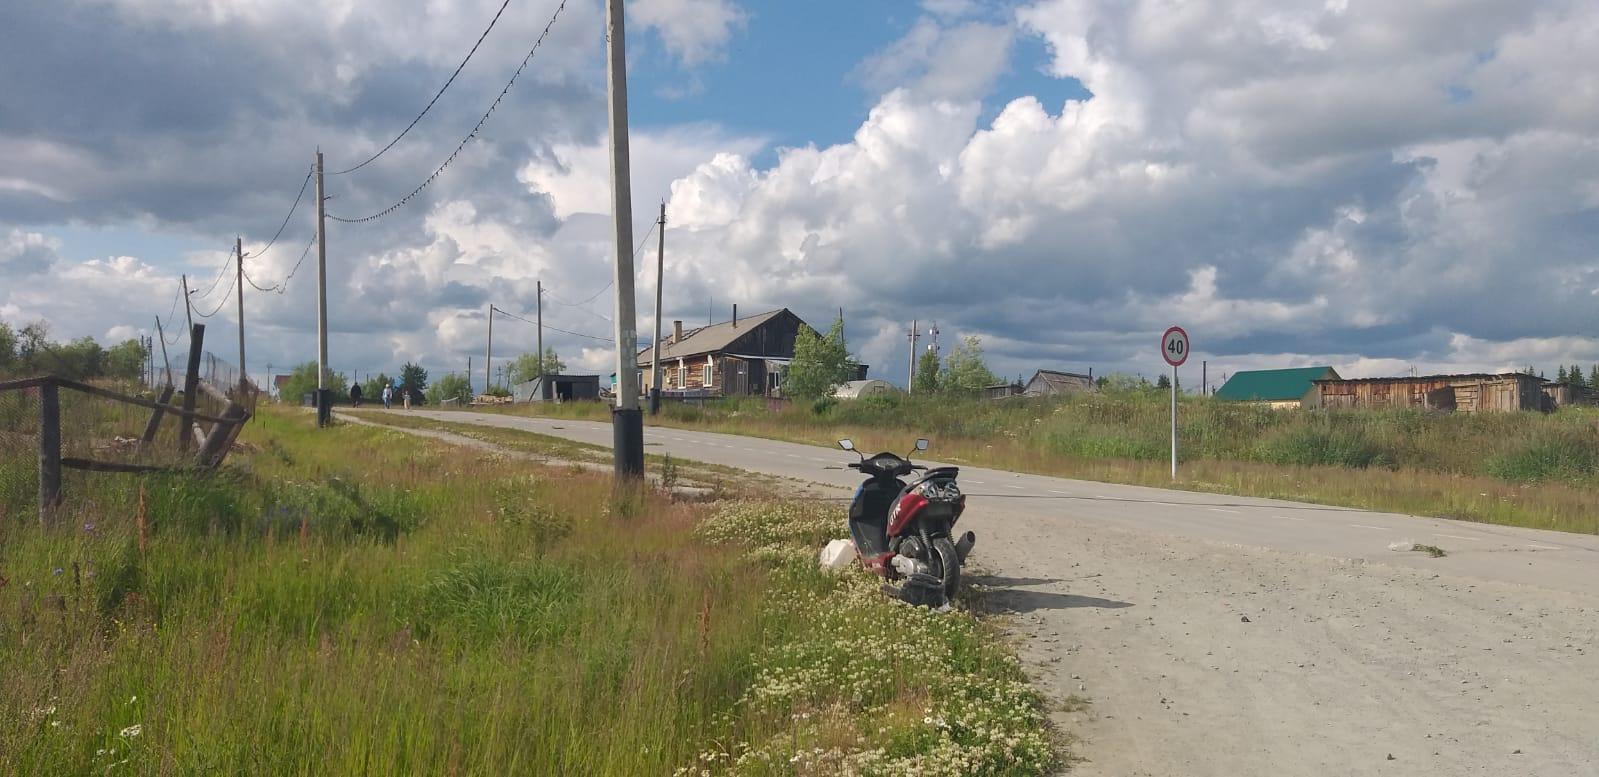 Скутерист и мотоциклист пострадали в ДТП на Ямале